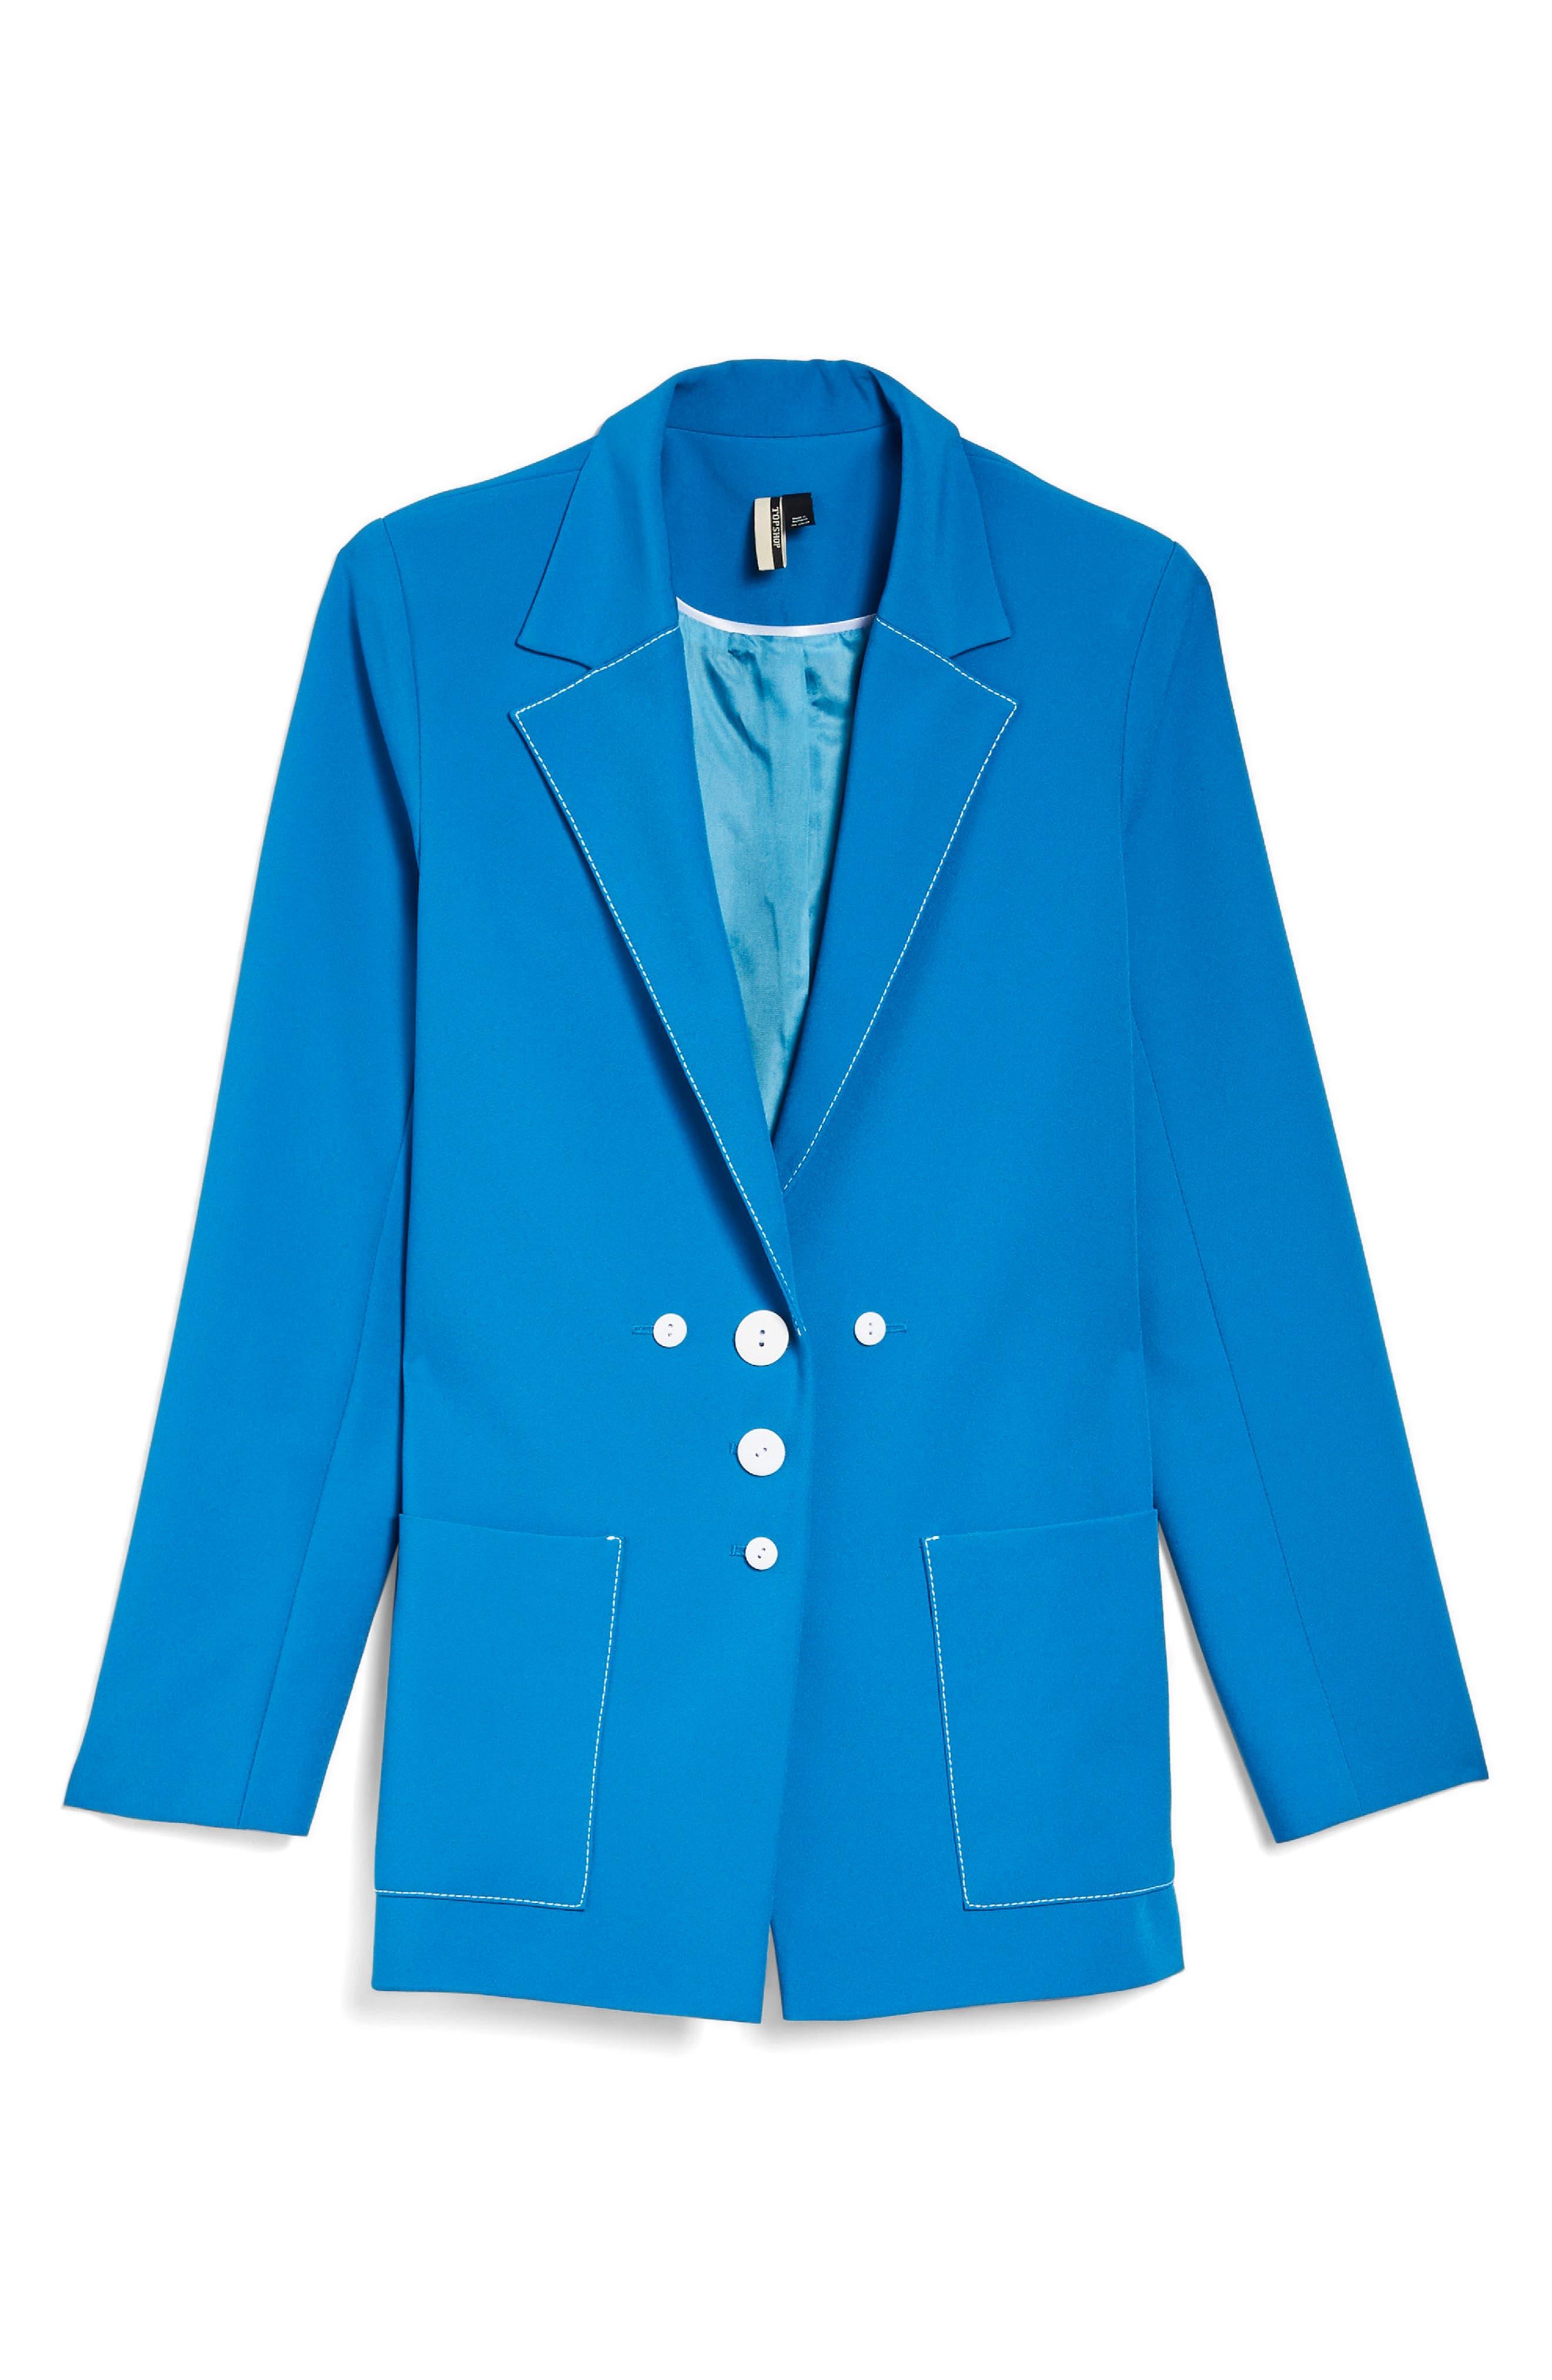 Azure Contrast Stitch Suit Jacket,                             Alternate thumbnail 4, color,                             Bright Blue